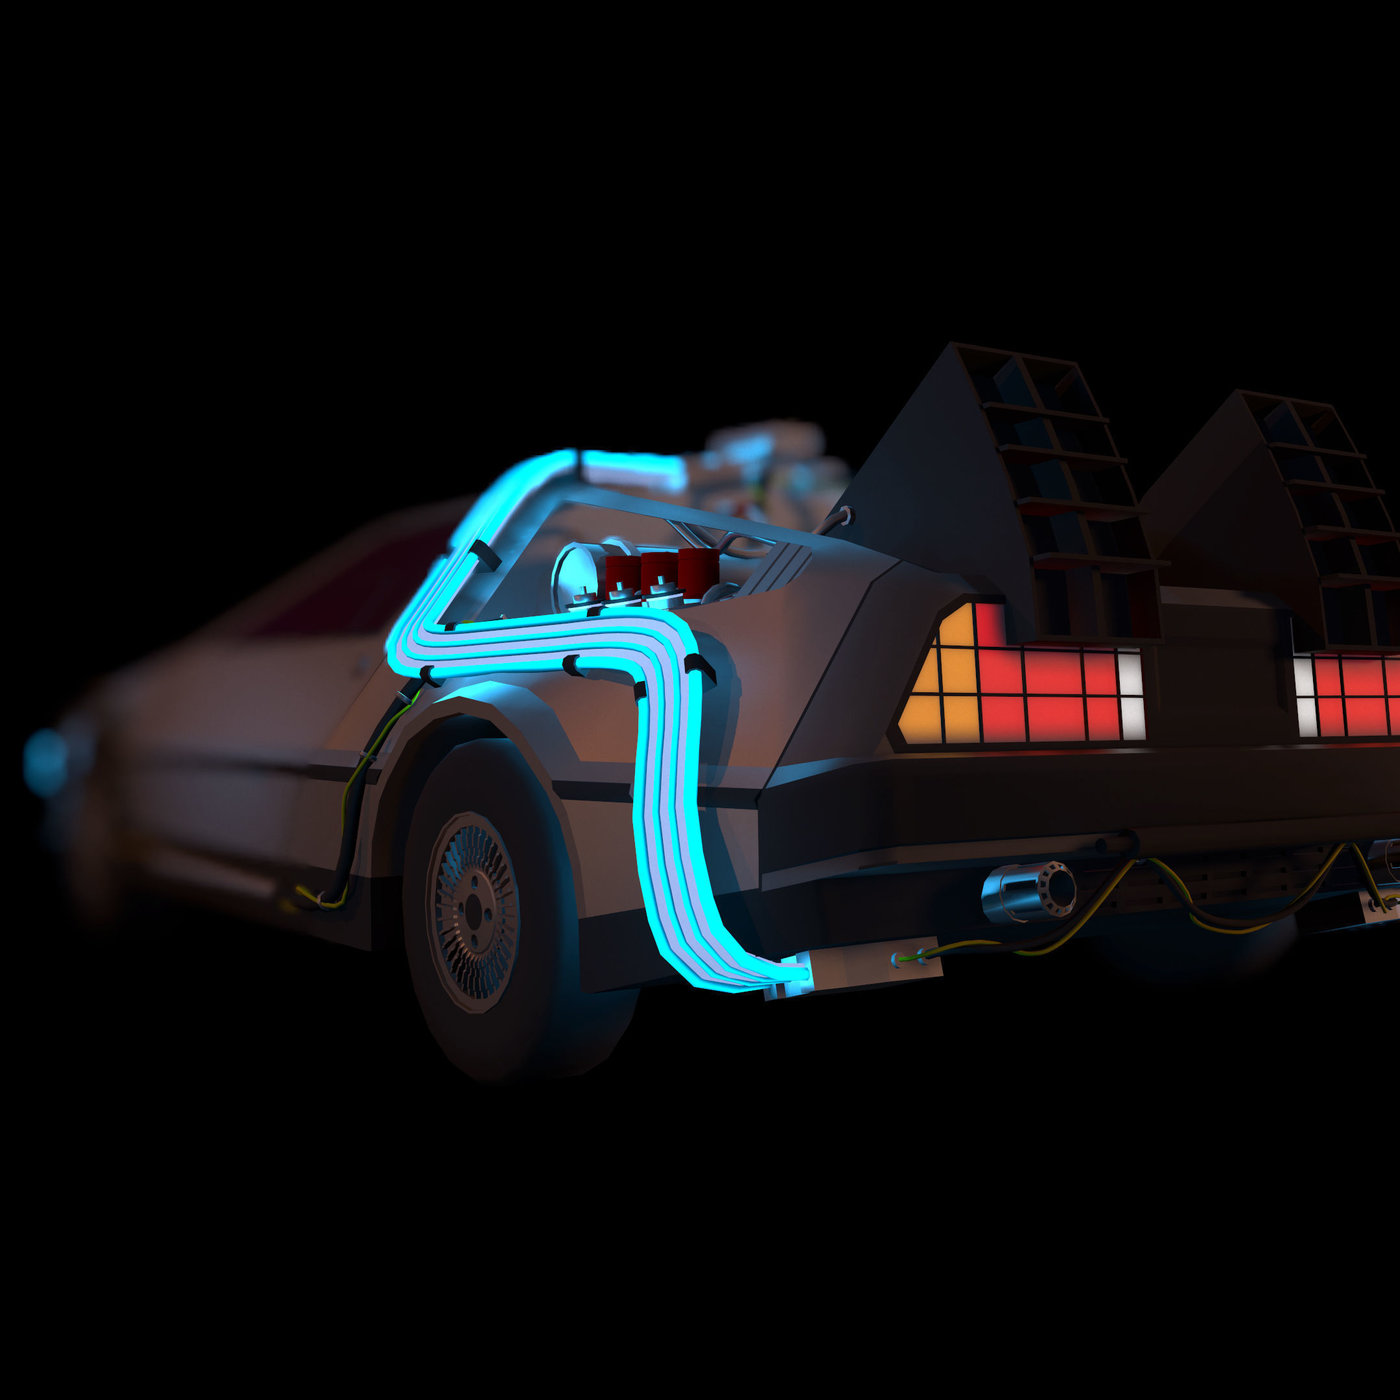 Back to the future Delorean car